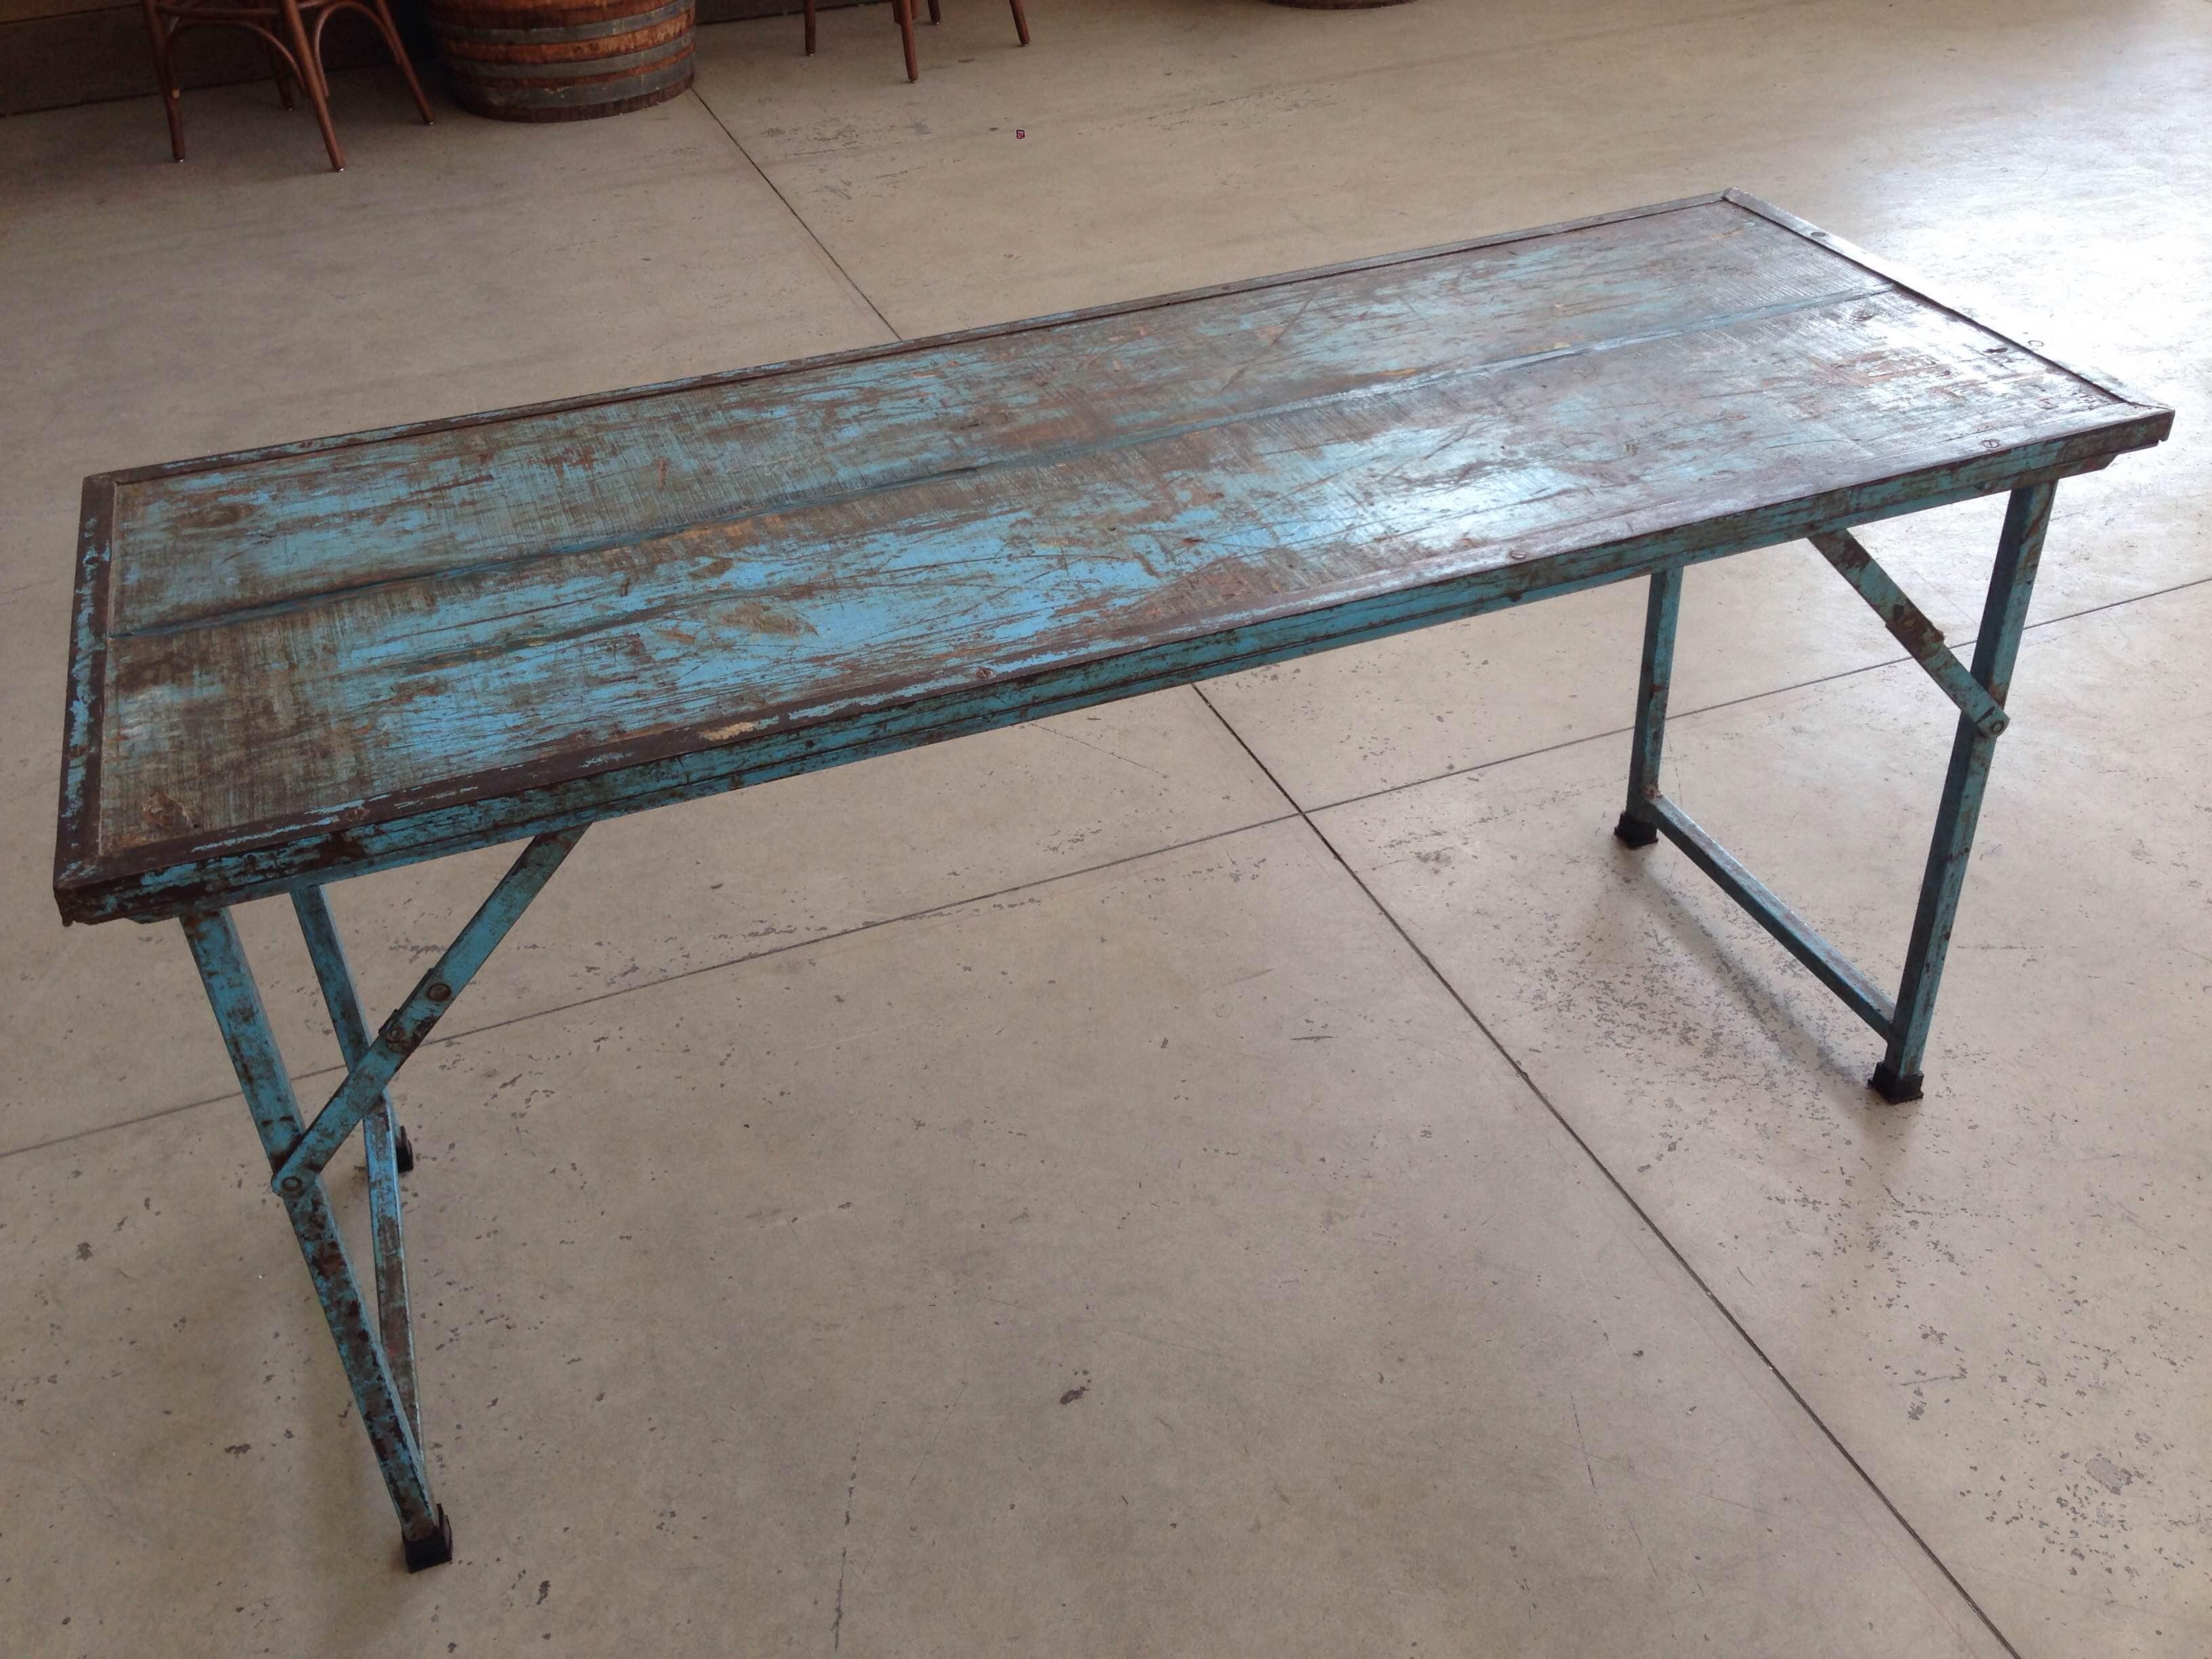 Tavolo pieghevole antico verniciato svezia in vendita su pamono